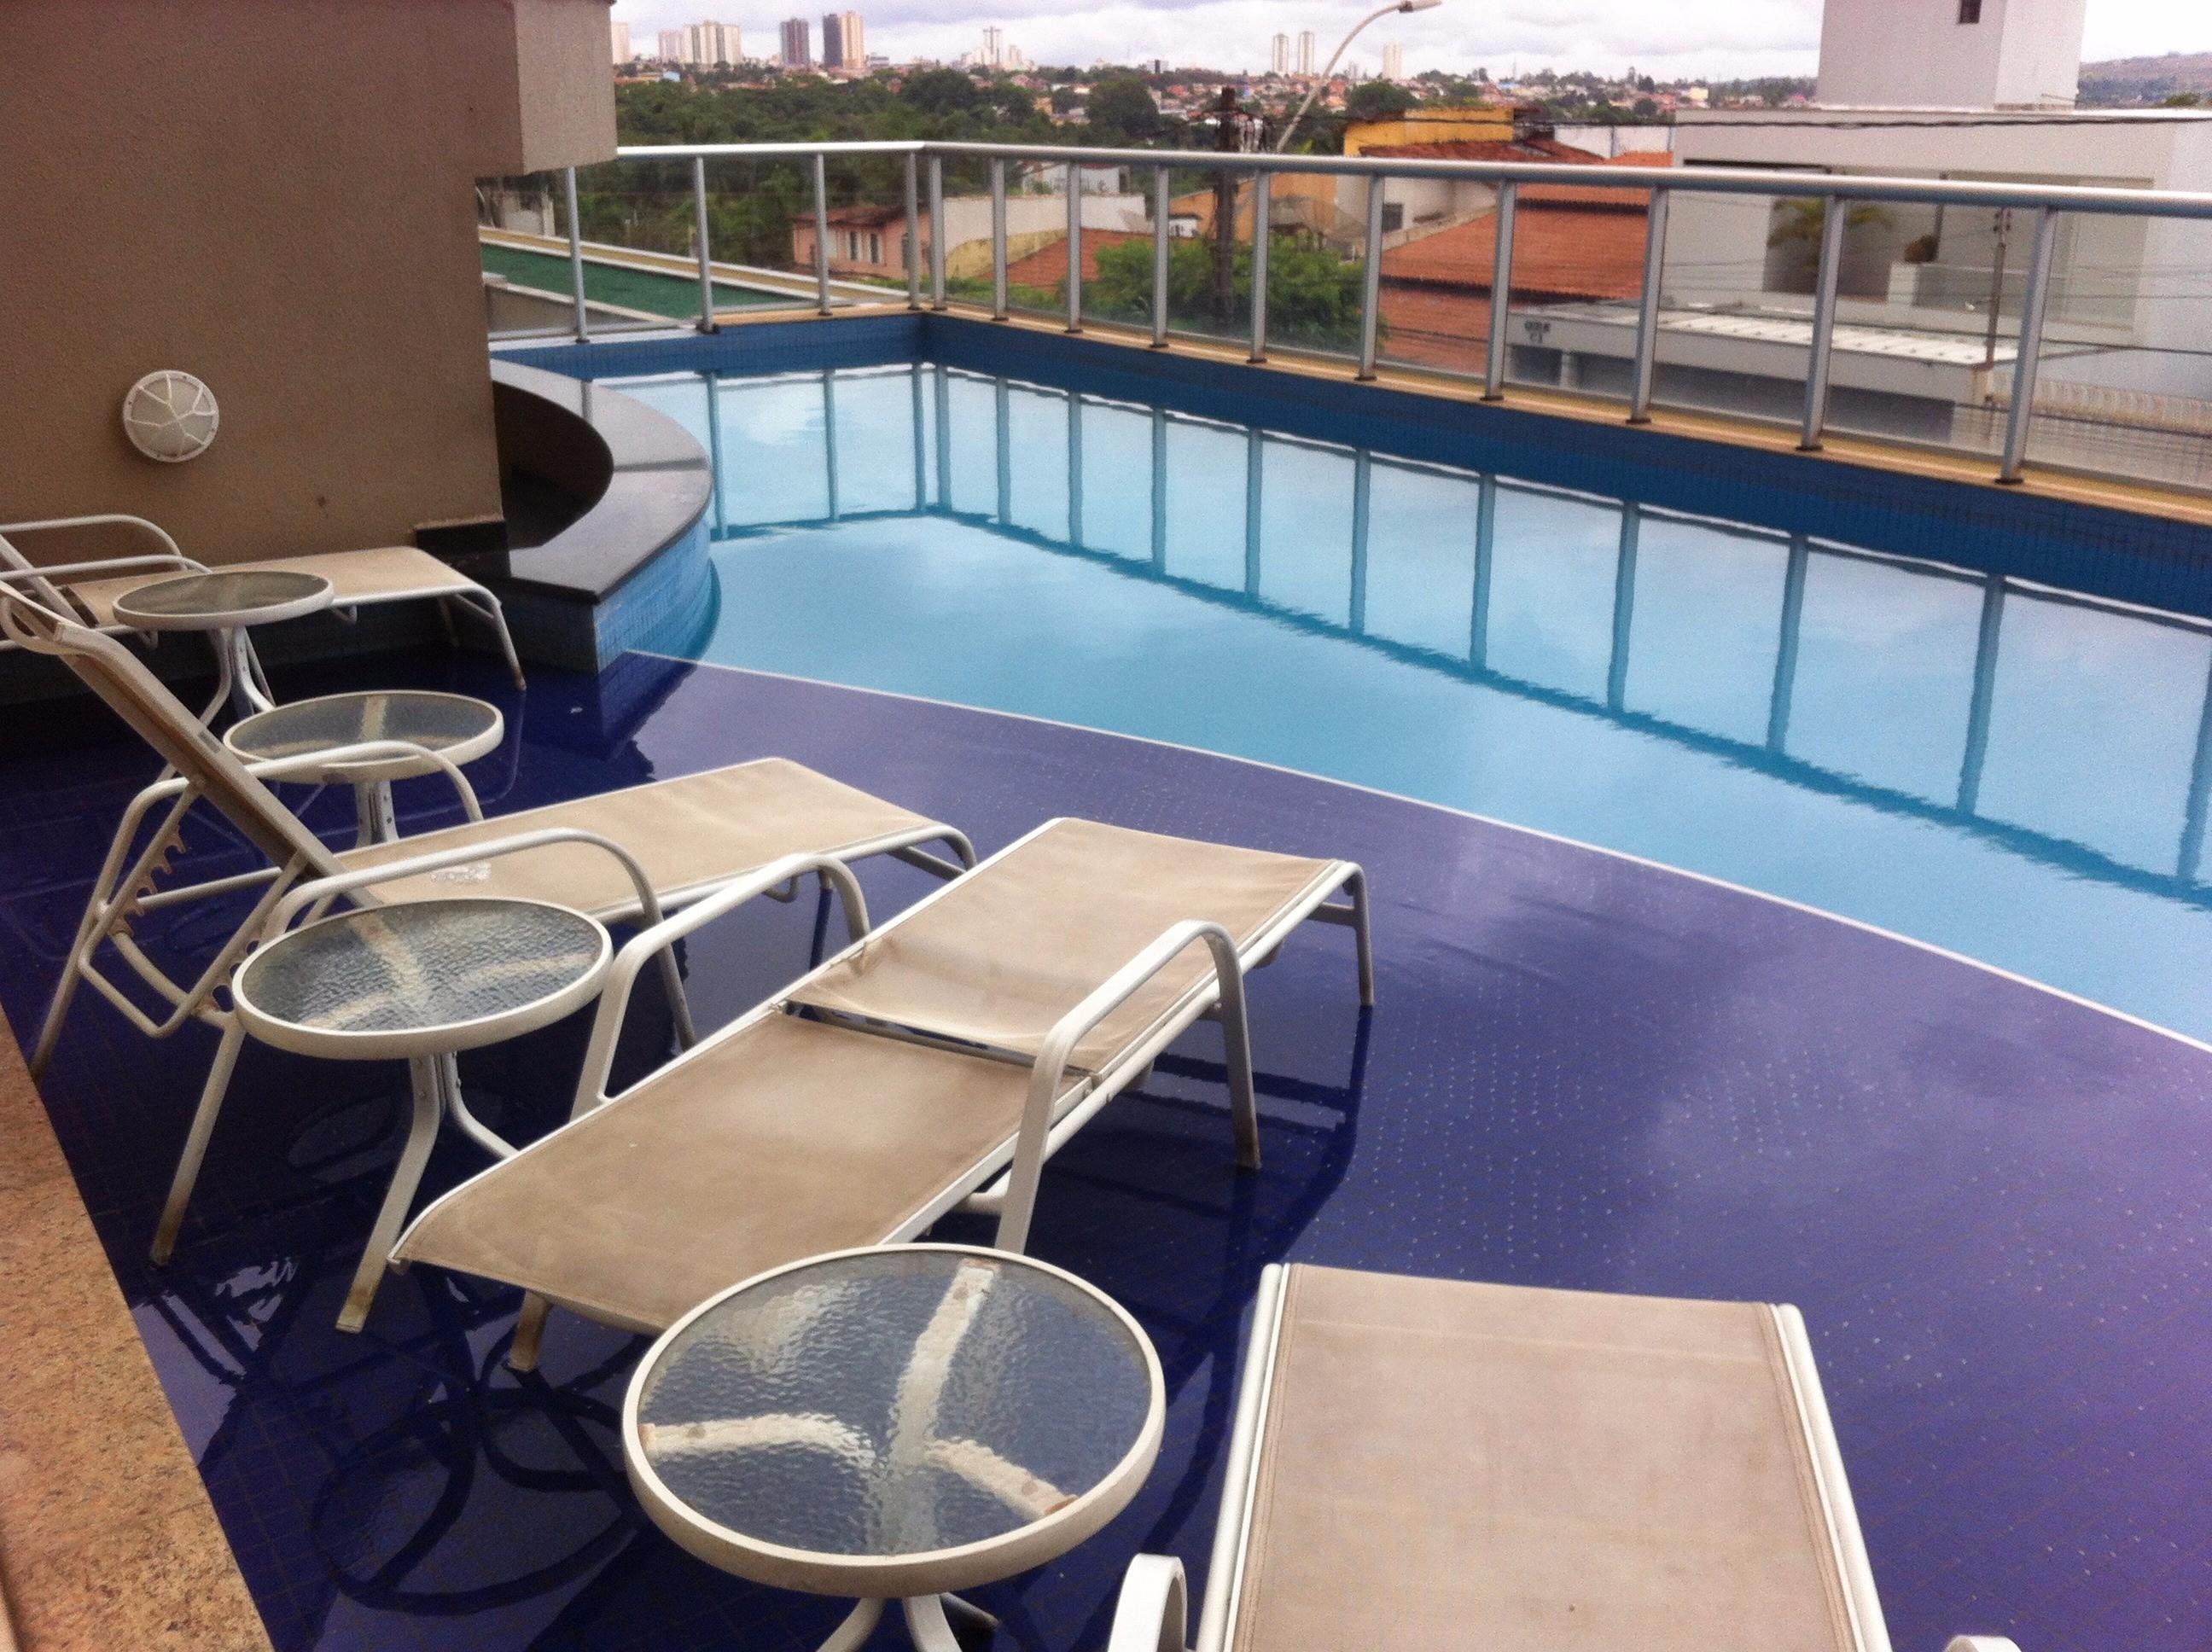 comprar ou alugar apartamento no bairro taguatinga sul (taguatinga) na cidade de brasilia-df